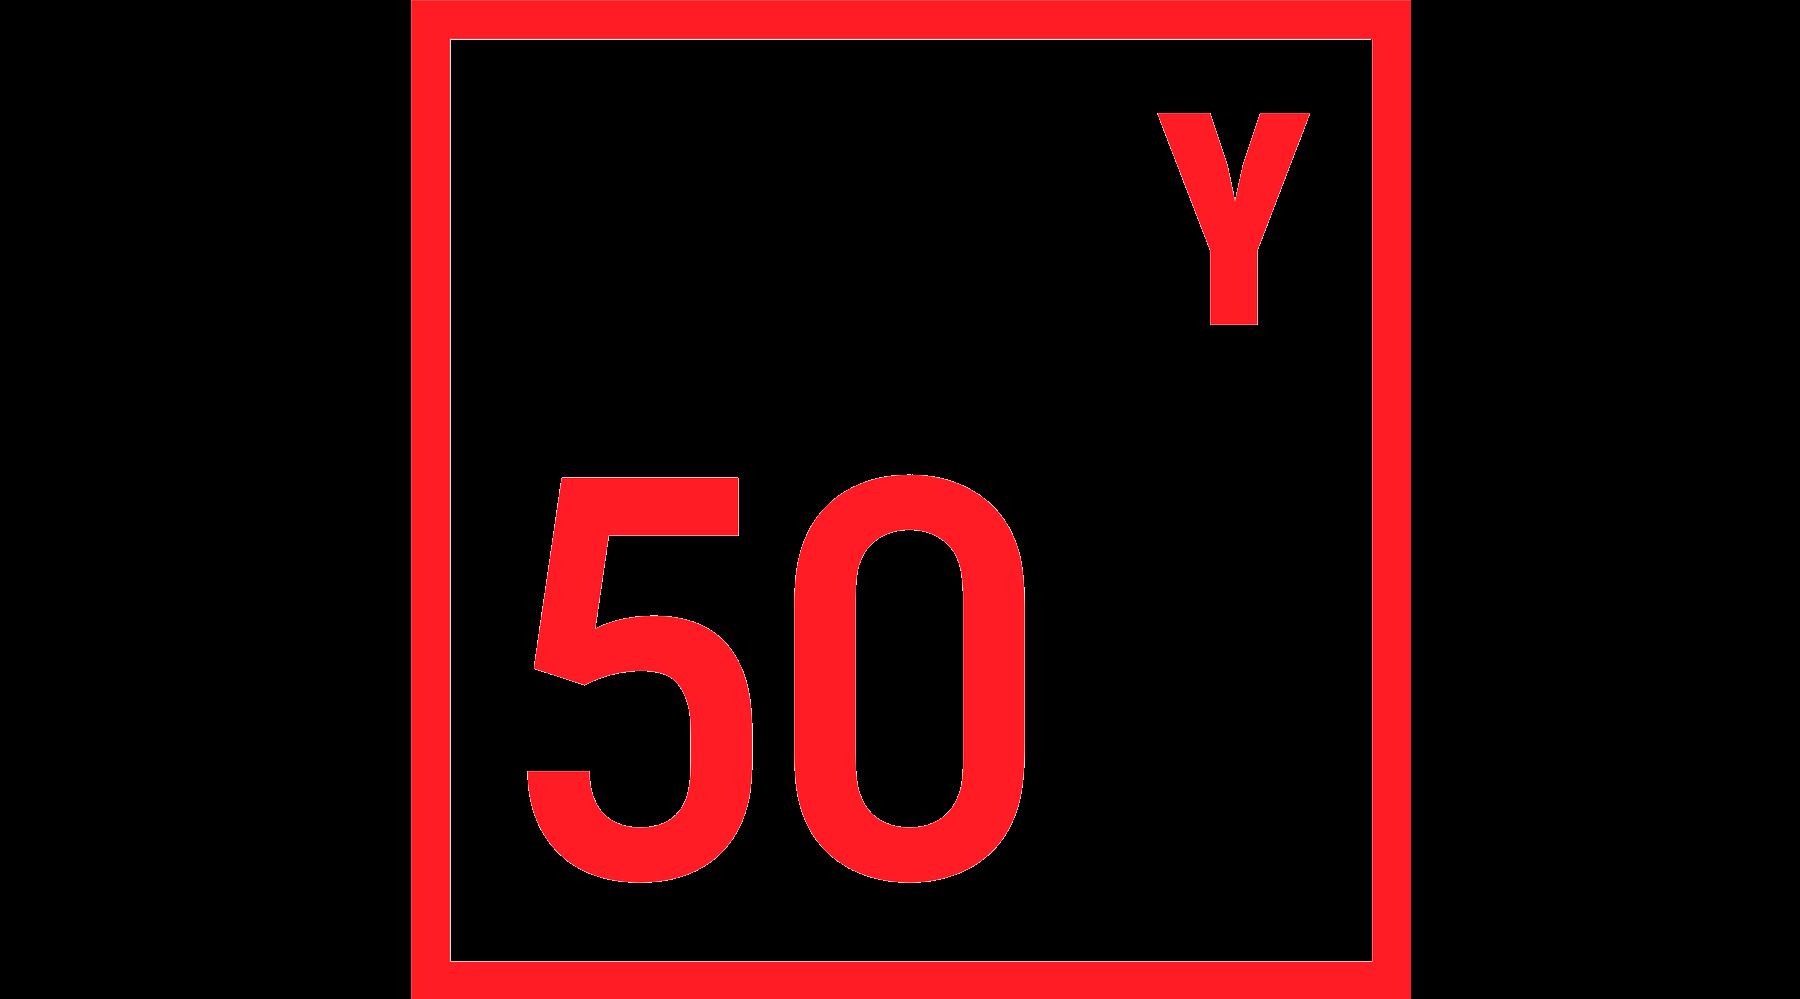 50 y vc